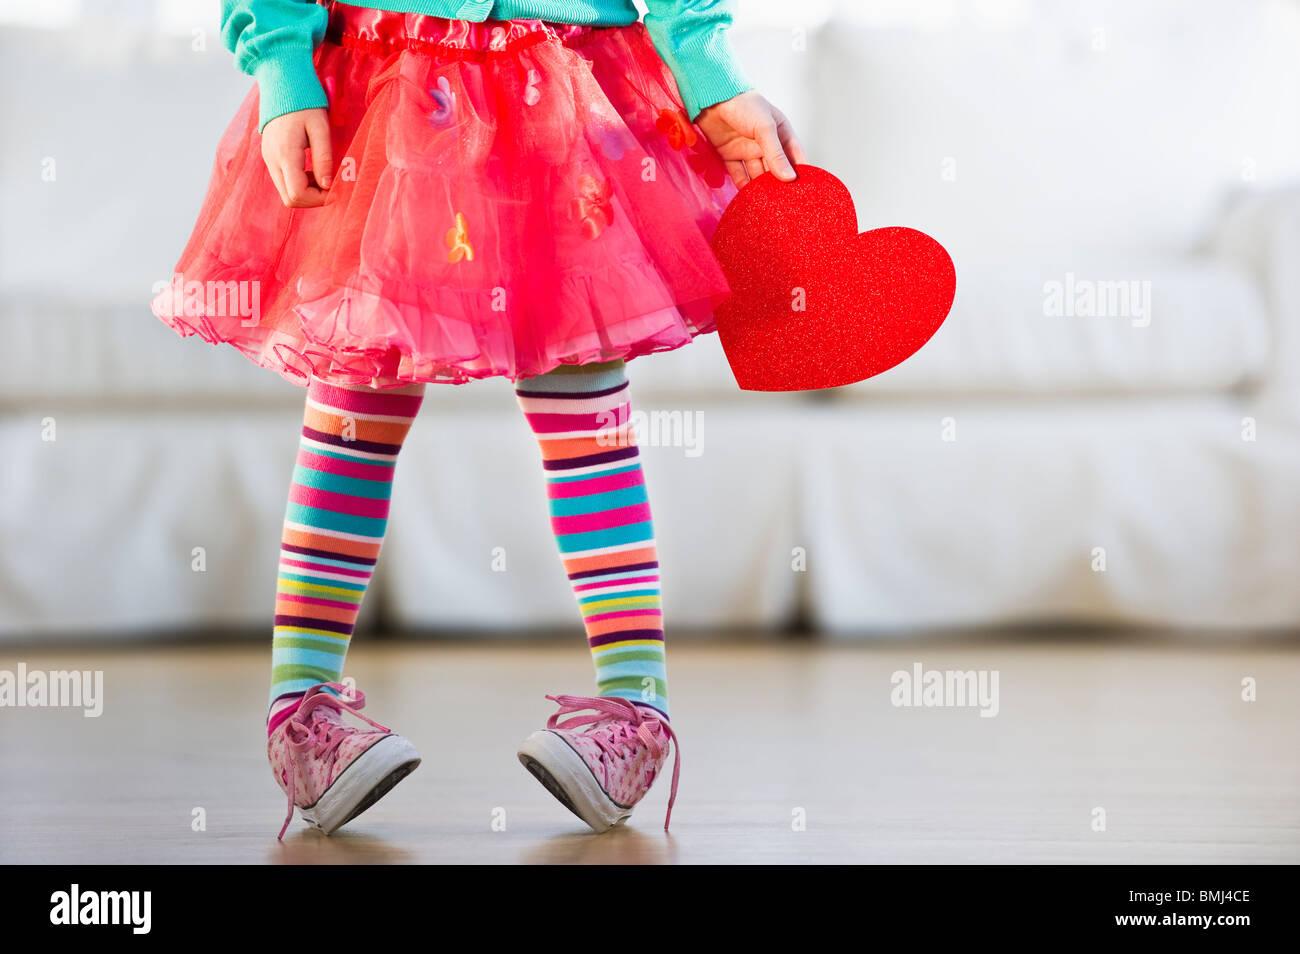 Giovane ragazza Indossare collant colorati Foto Stock